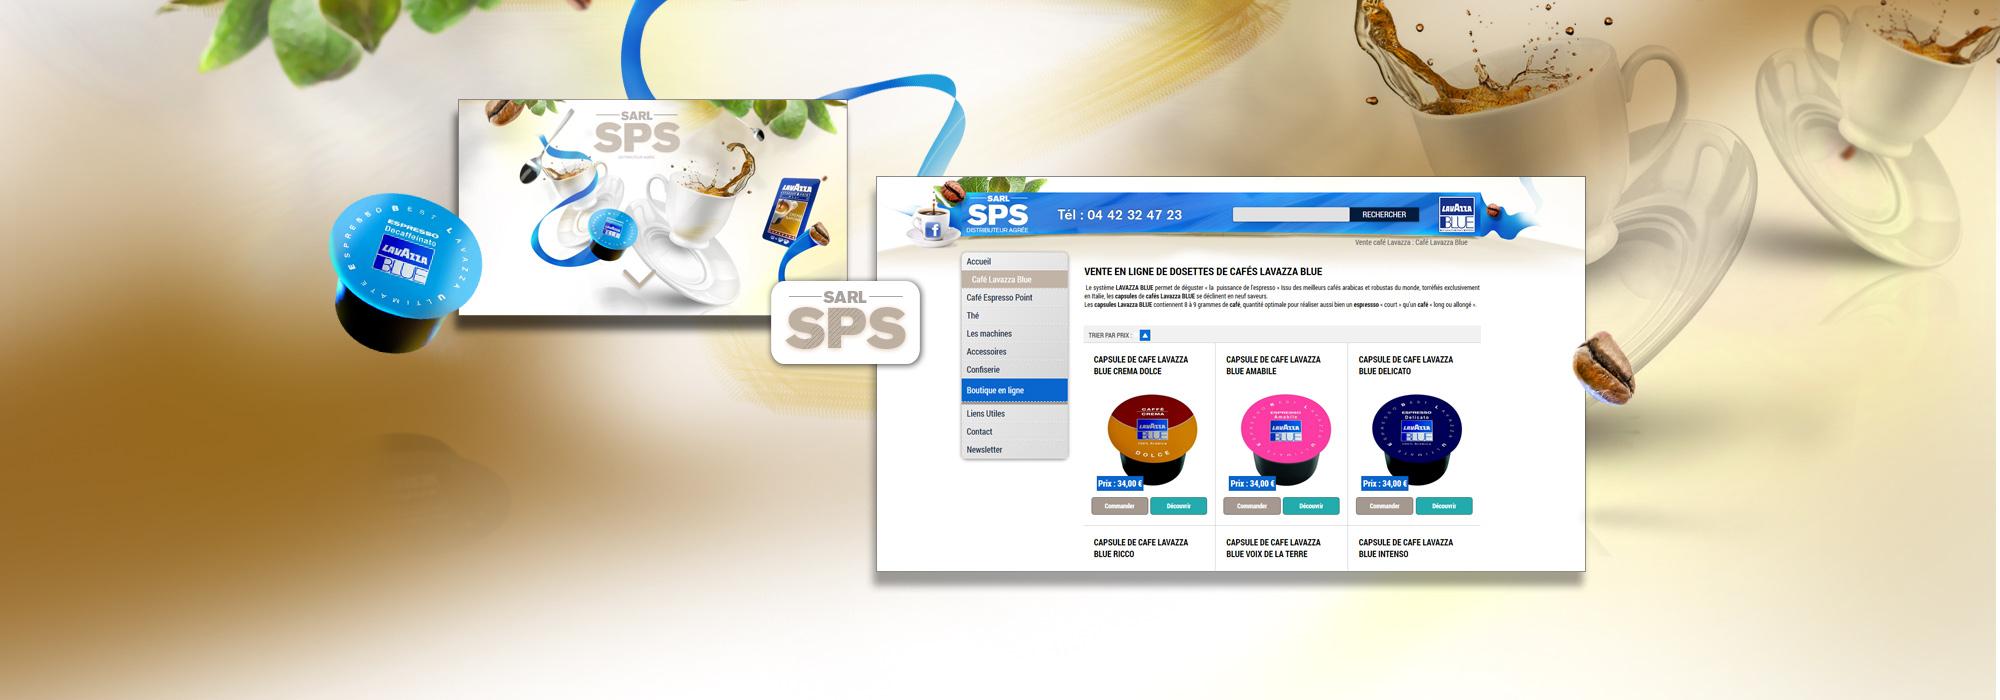 sps capsules